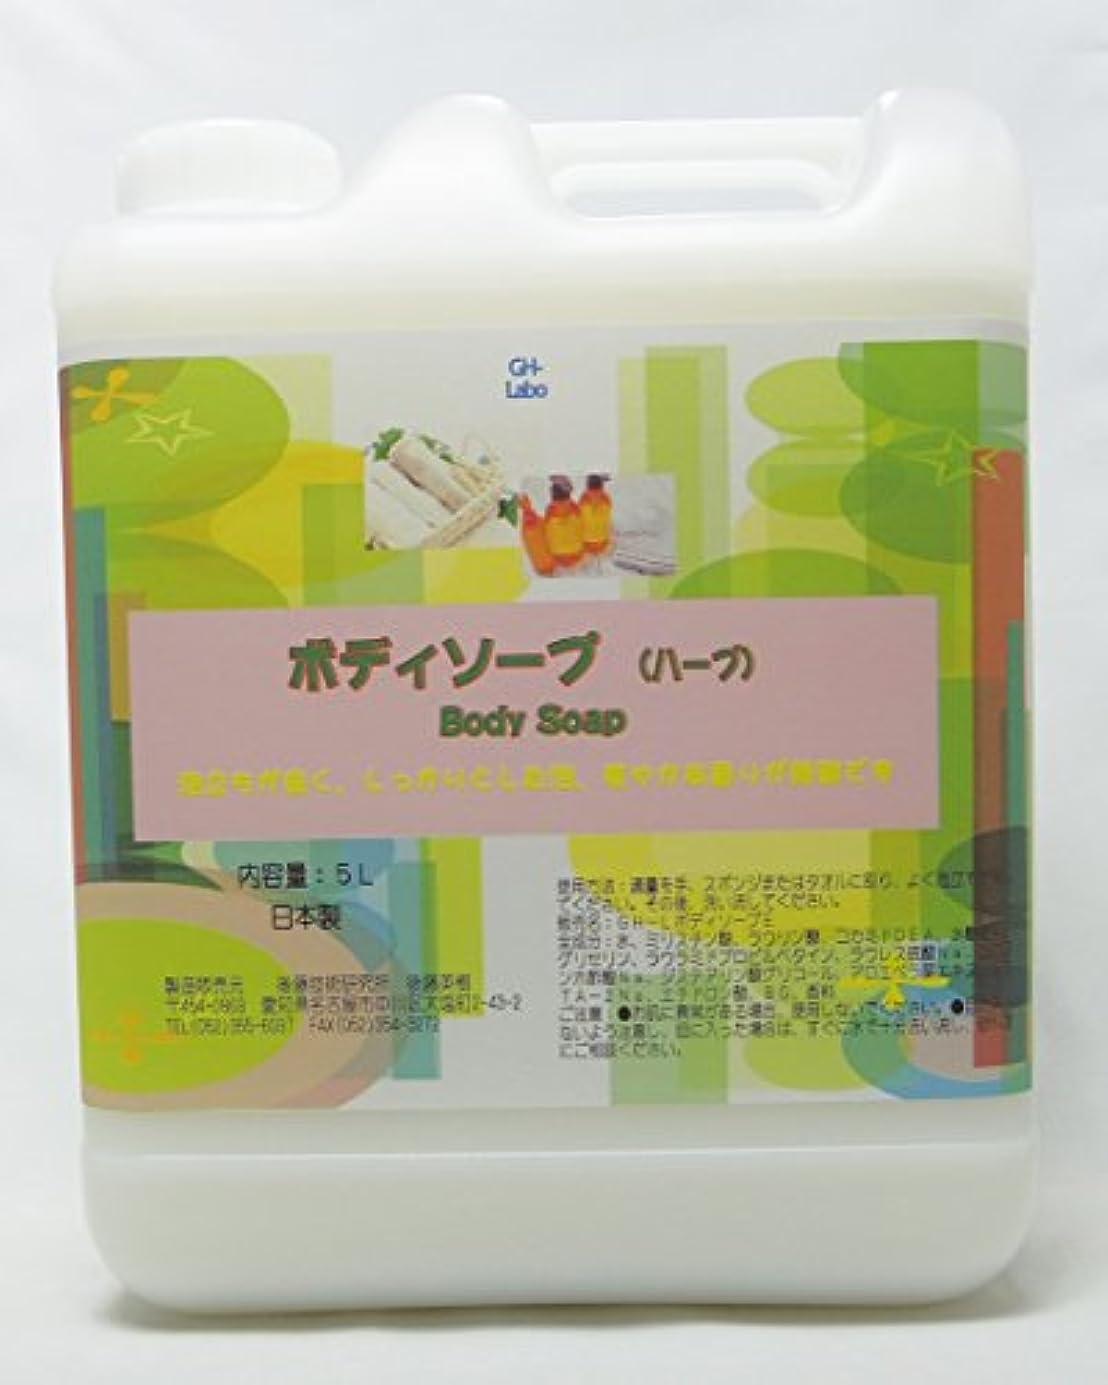 GH-Labo 業務用ボディソープ ハーブ(セージ)の香り 5L